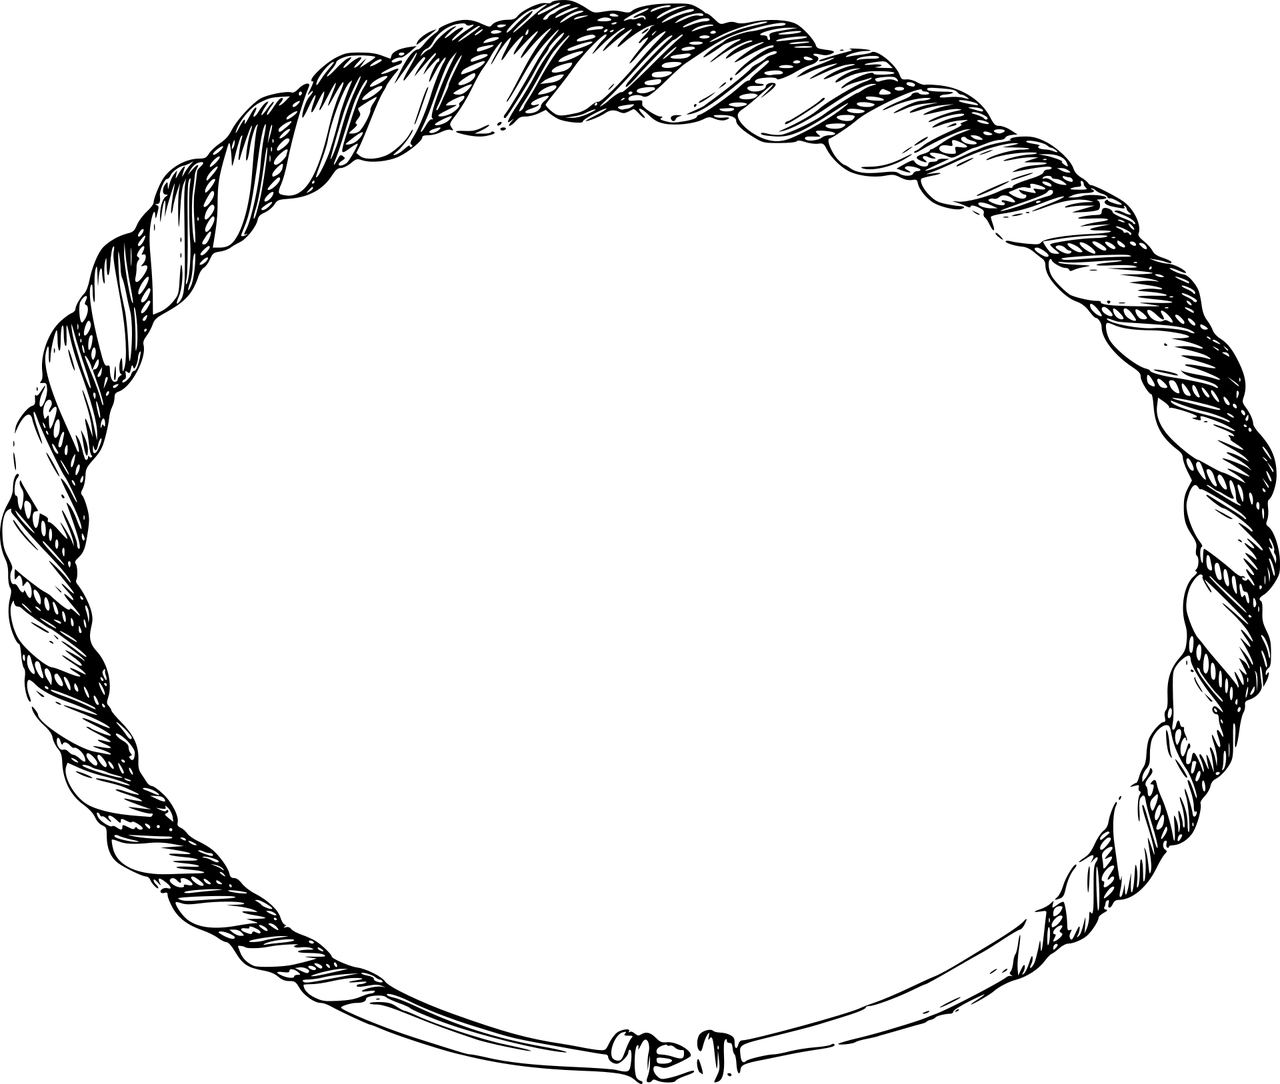 12.9.2018 Dražba stříbrného náramku s hvězdičkami. Vyvolávací cena 137 Kč.